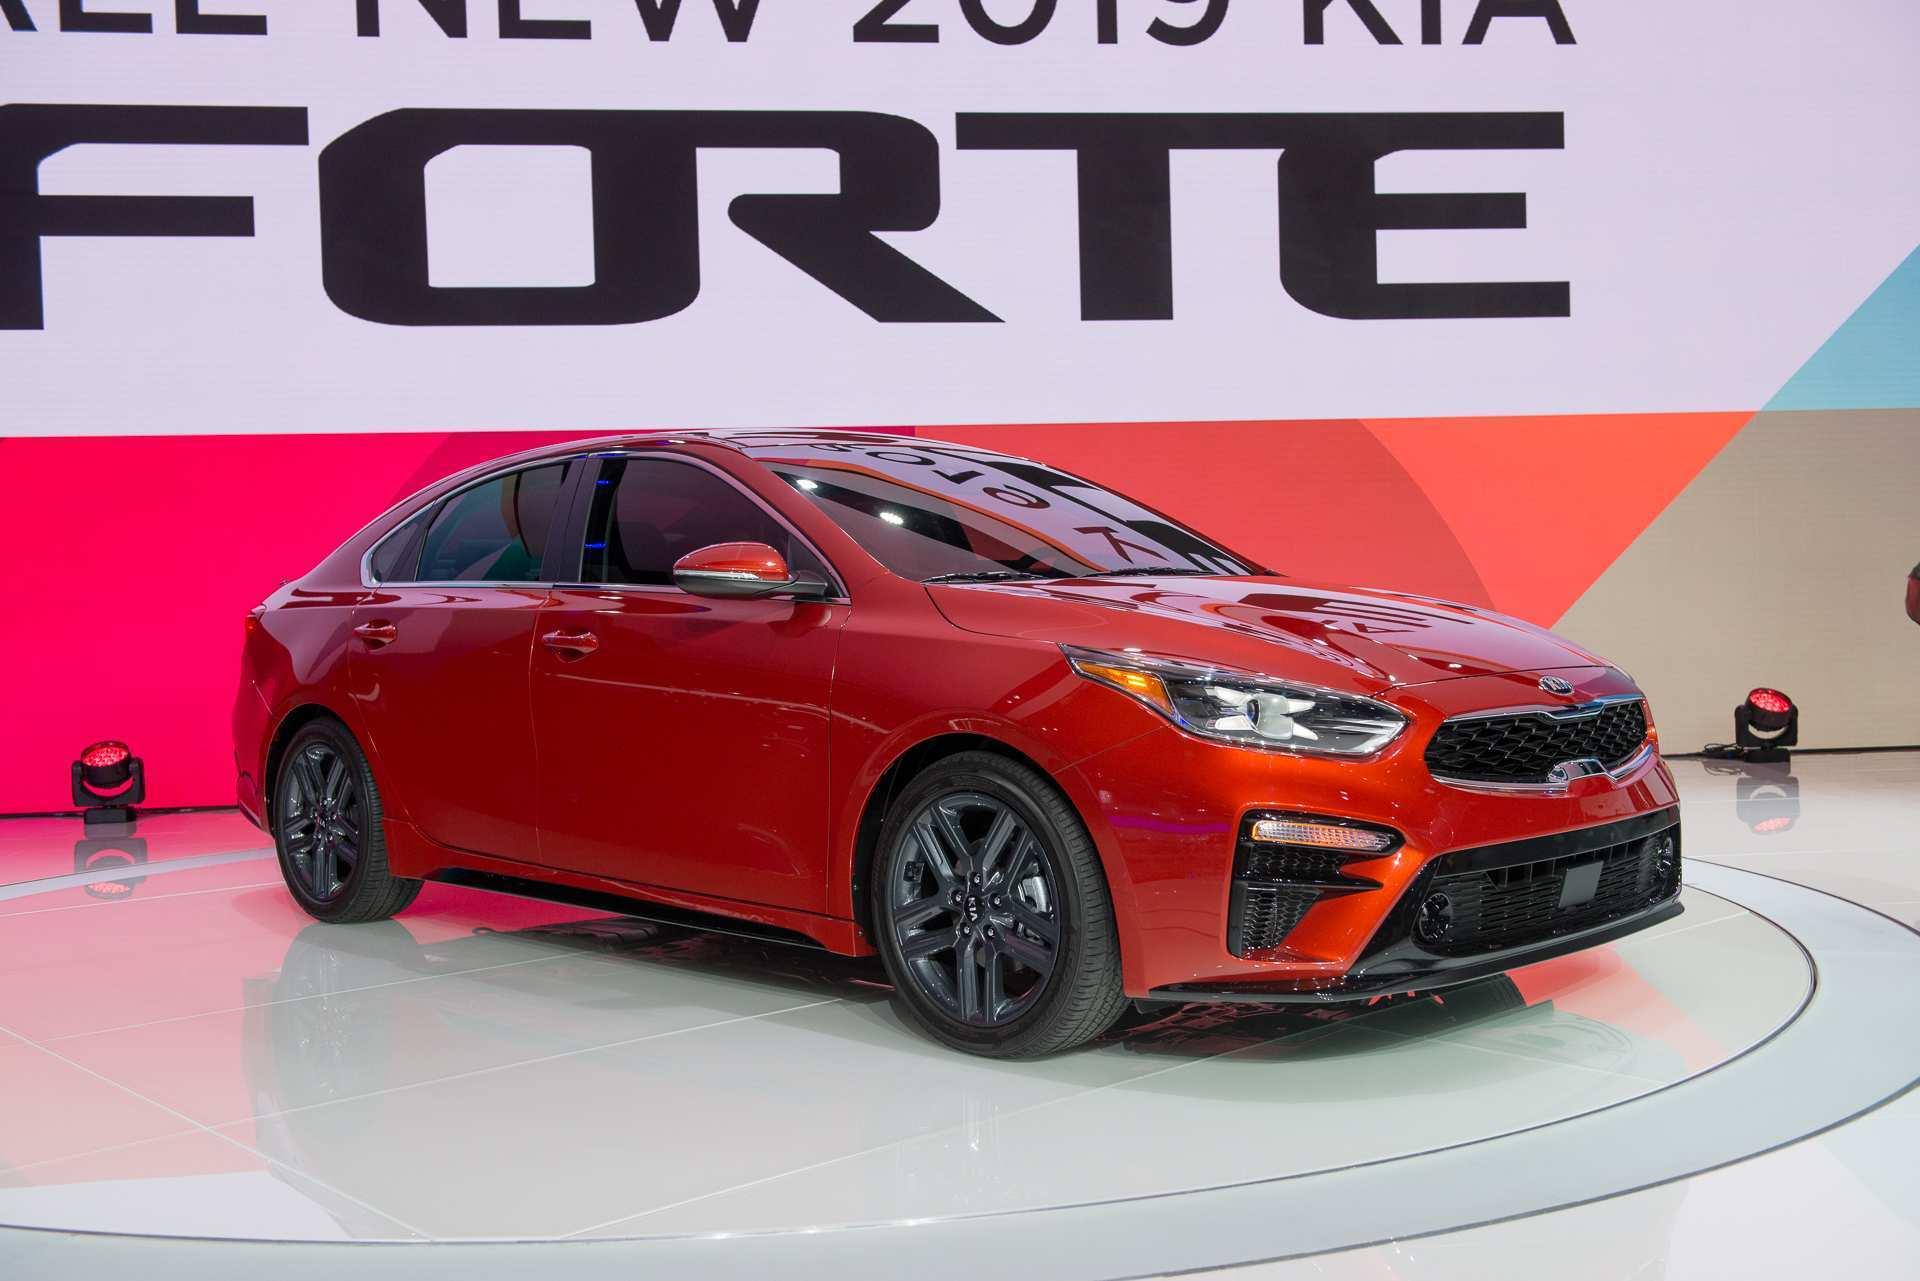 95 All New Kia Forte Koup 2019 Pricing for Kia Forte Koup 2019